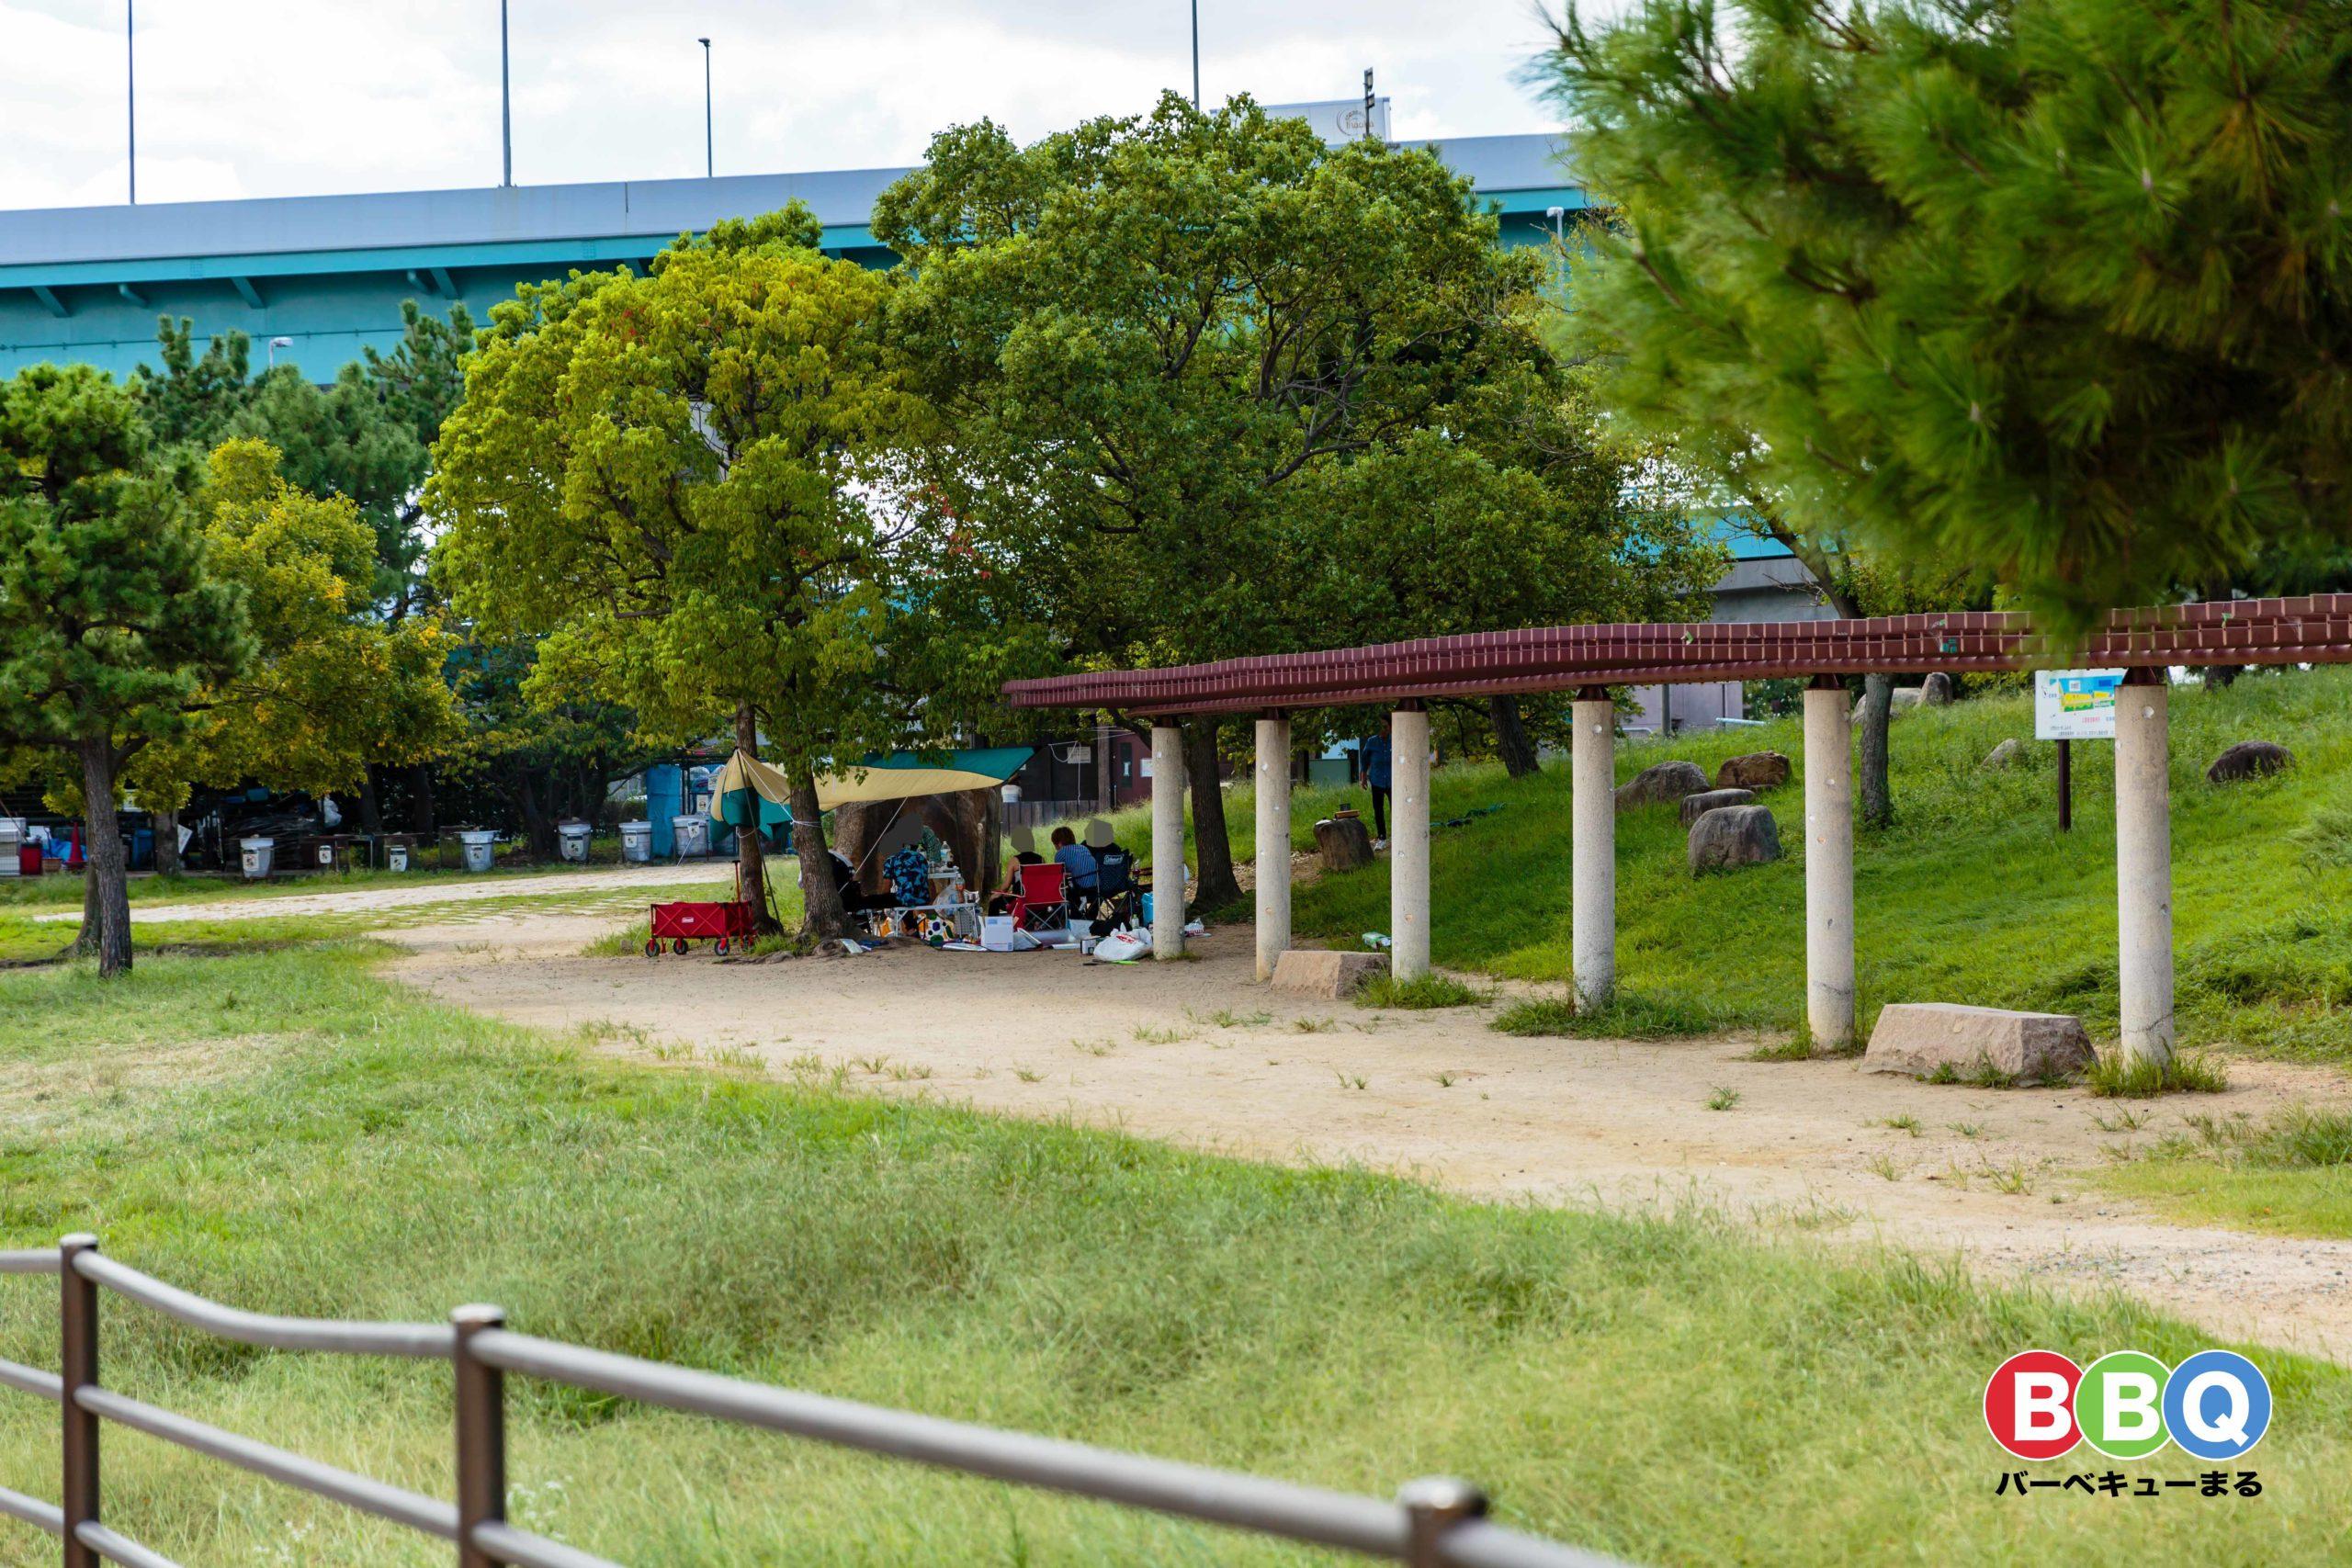 甲子園浜海浜公園沖地区ののバーベキュー風景